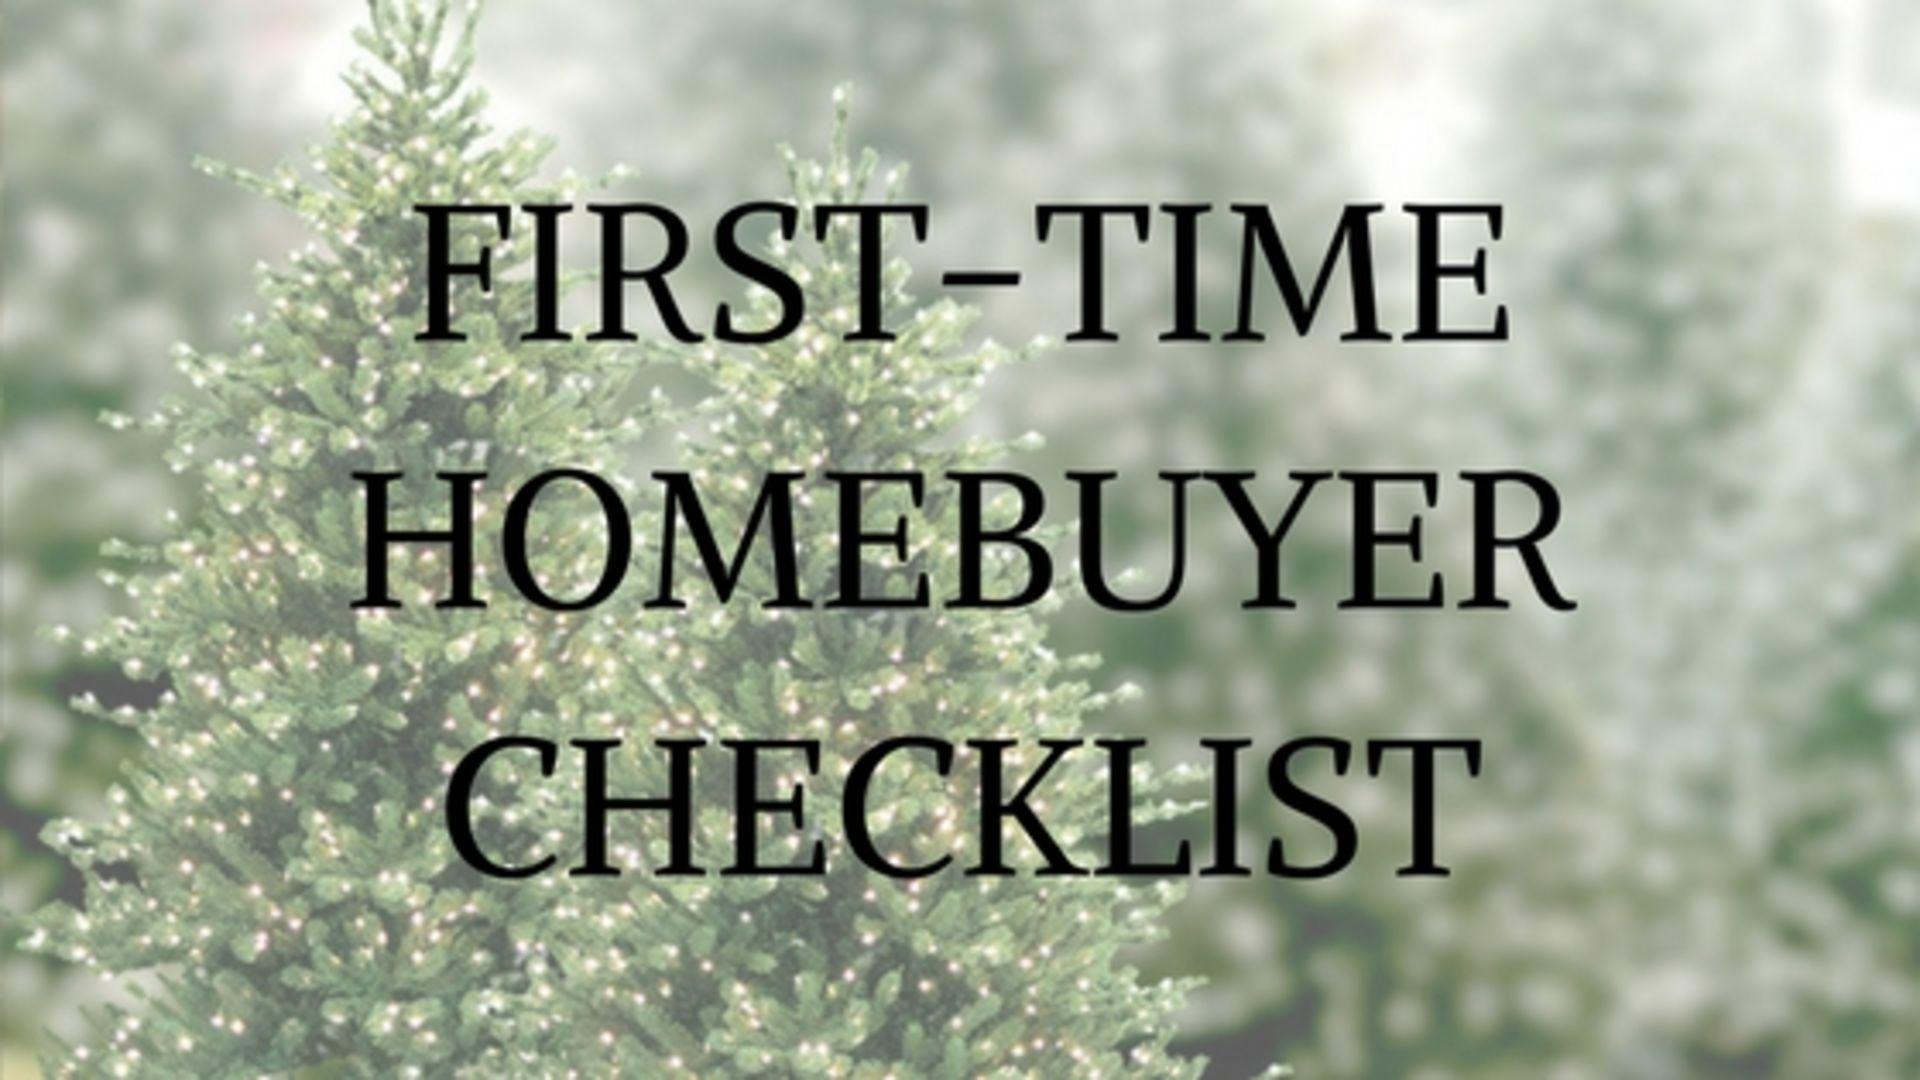 First-Time Homebuyer Checklist!